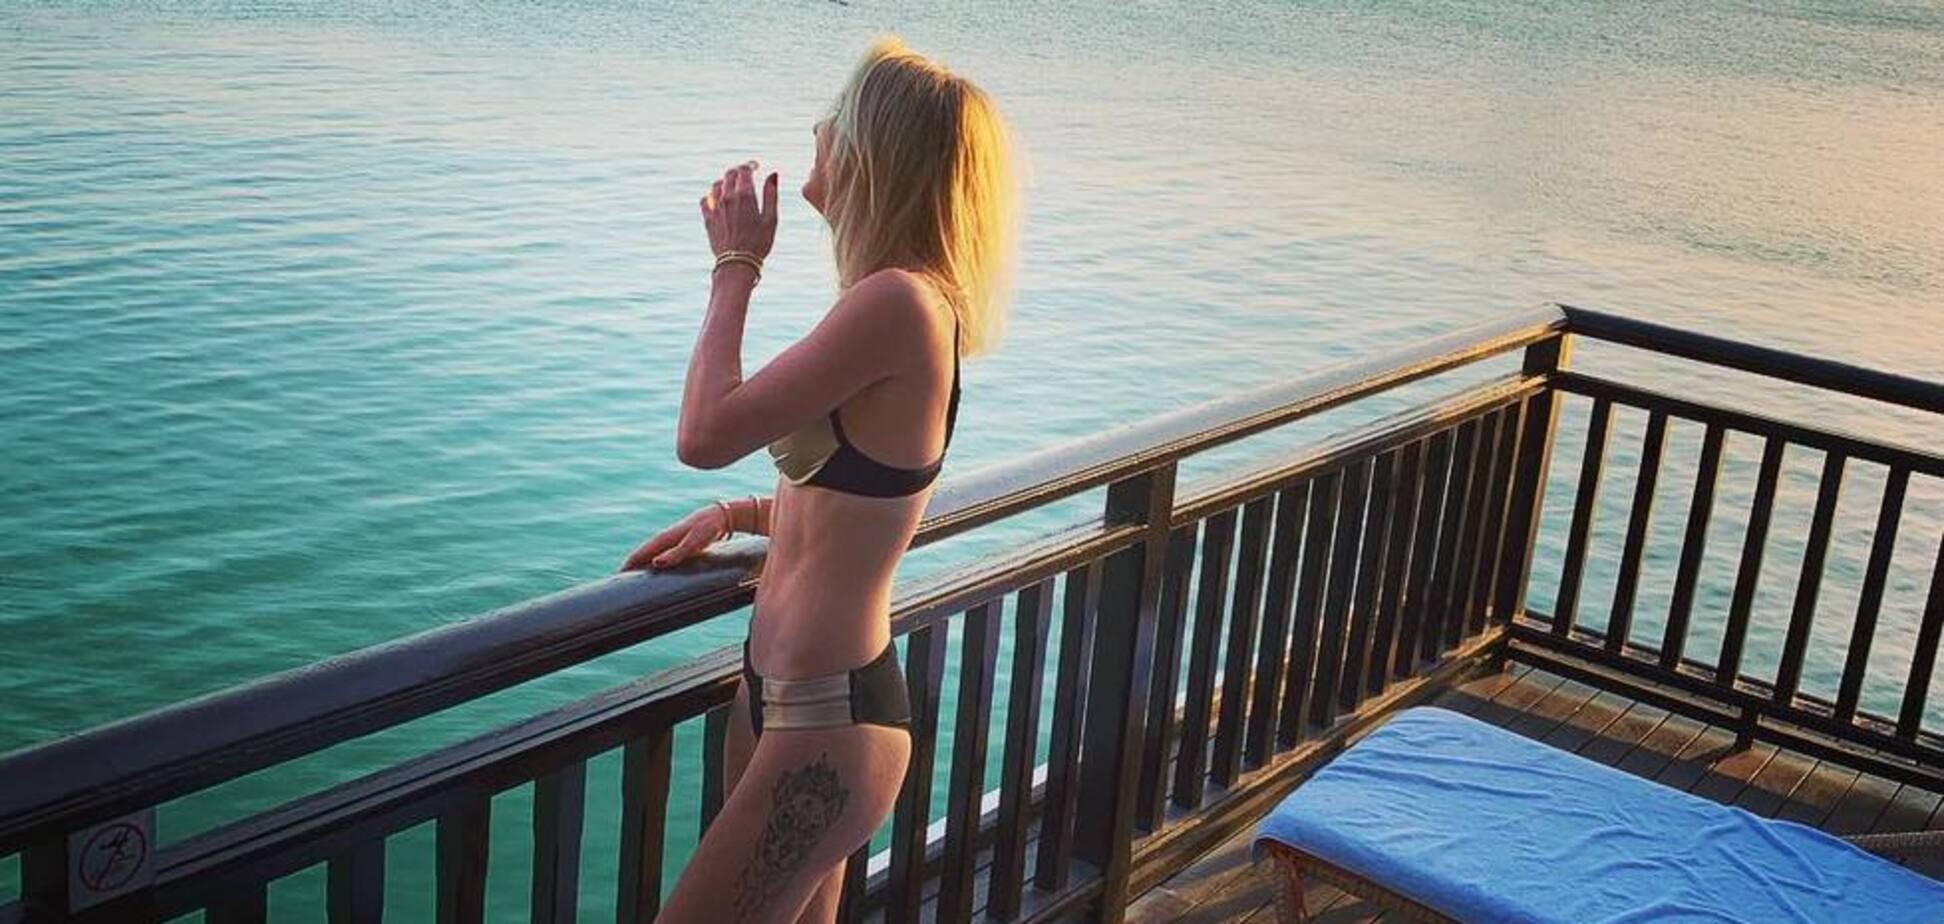 ''Появится попа'': Свитолина обнадежила фанатов неожиданным снимком